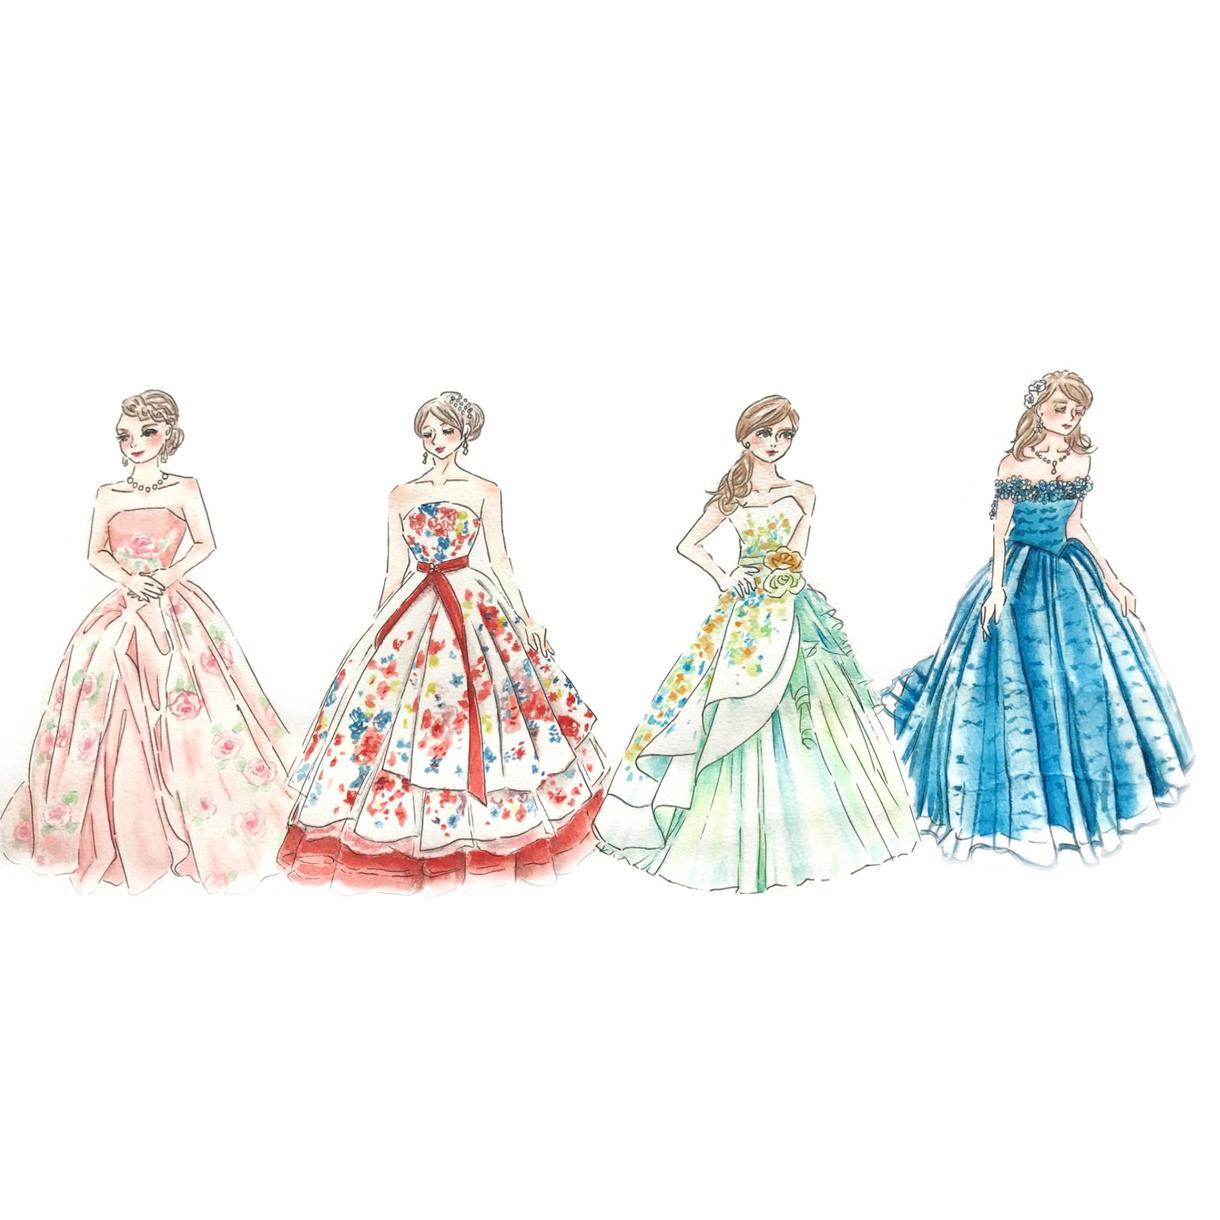 結婚式のドレスの色当てクイズ用イラスト作成します 花嫁さんのドレスの色を当てるクイズで会場を盛り上げよう